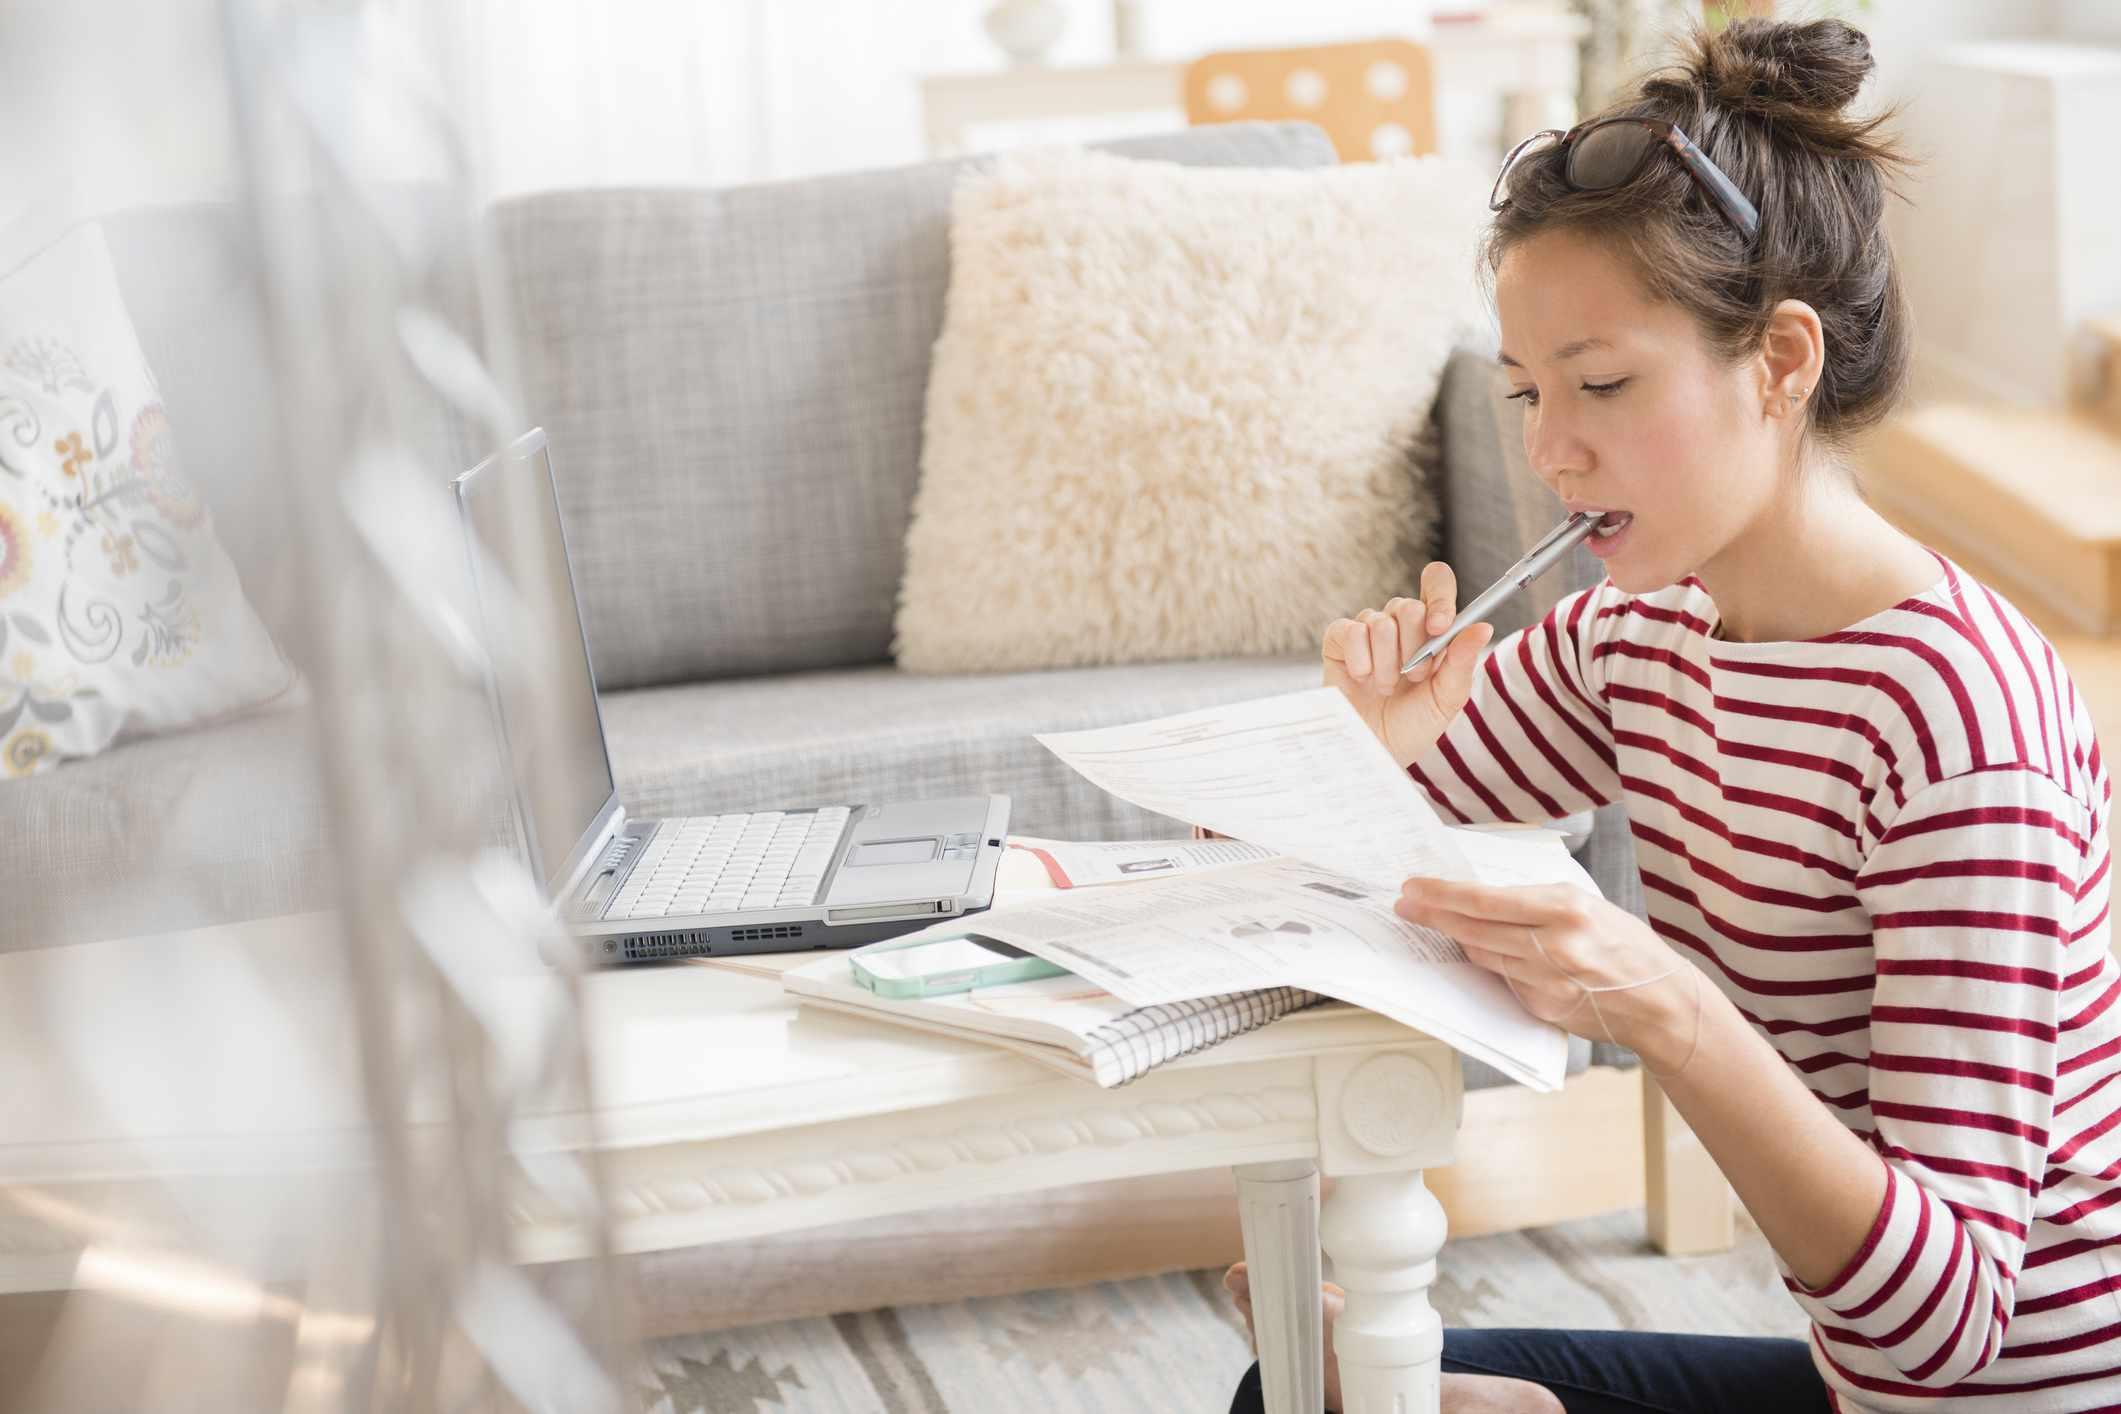 woman looking at credit card bills and credit health insurance